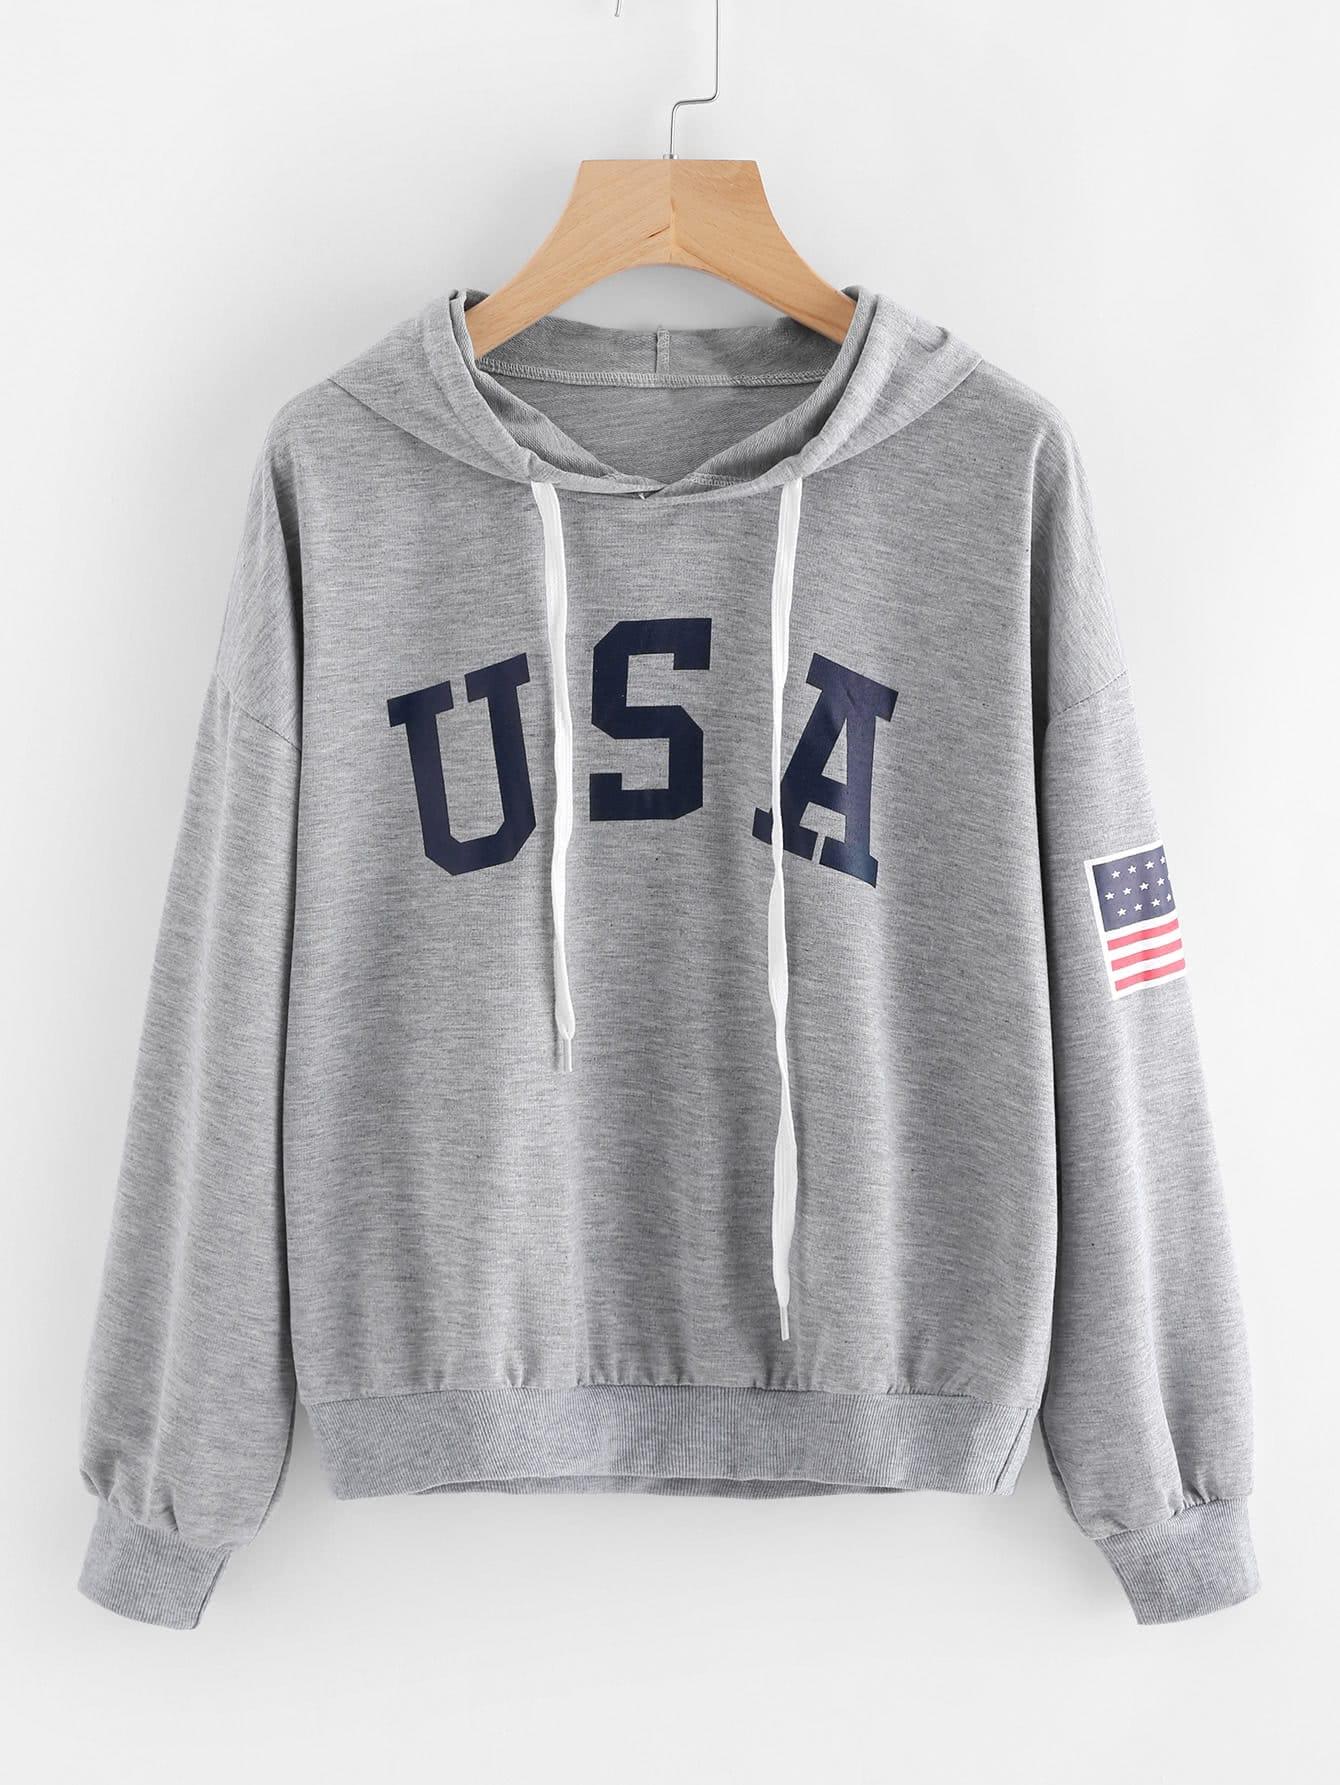 Hoodie mit amerikanischem Flagge Muster